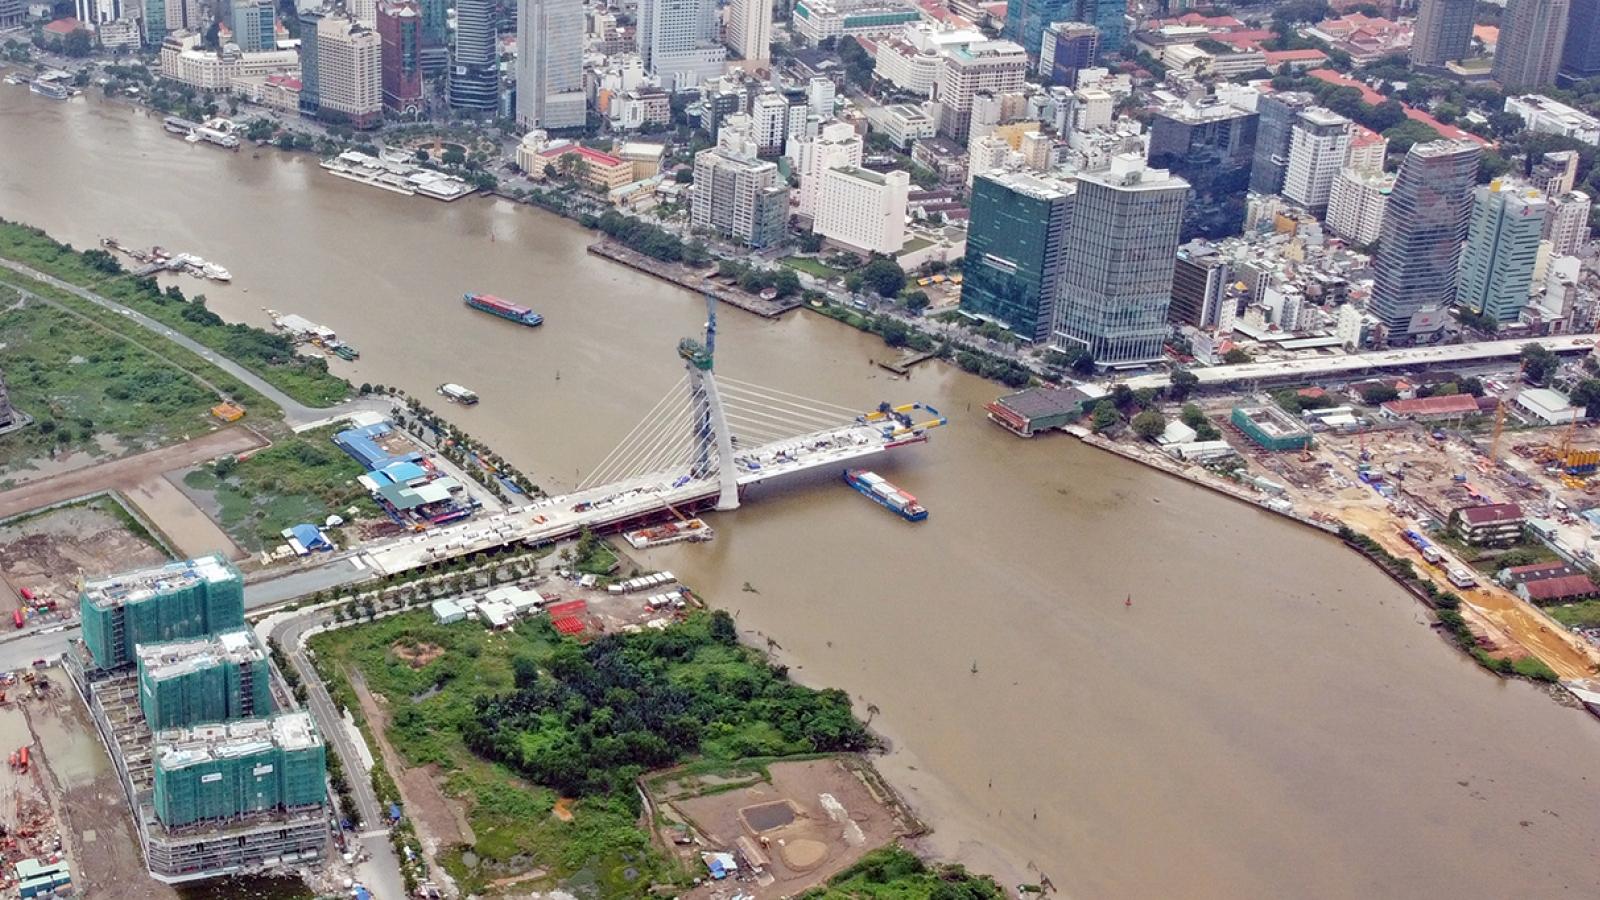 Cầu Thủ Thiêm 2 sẽ thi công trở lại trong tháng 4/2021